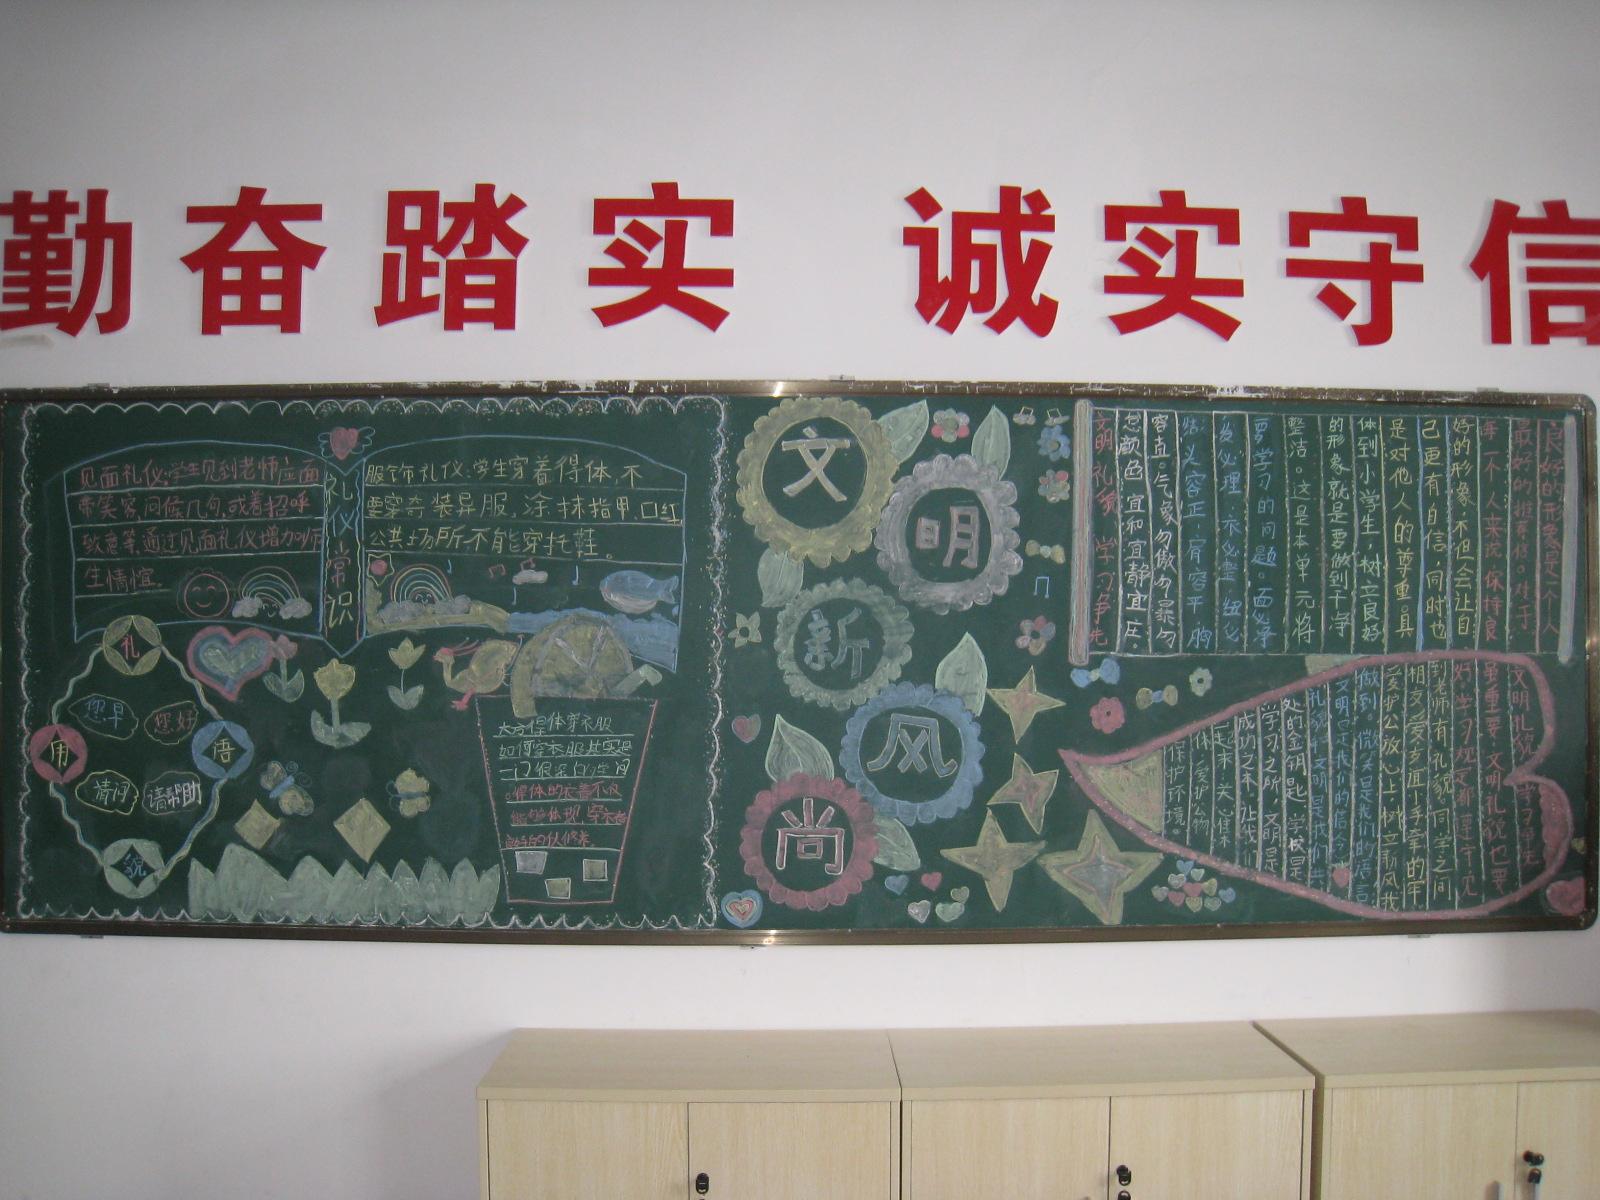 文明礼仪主题黑板报